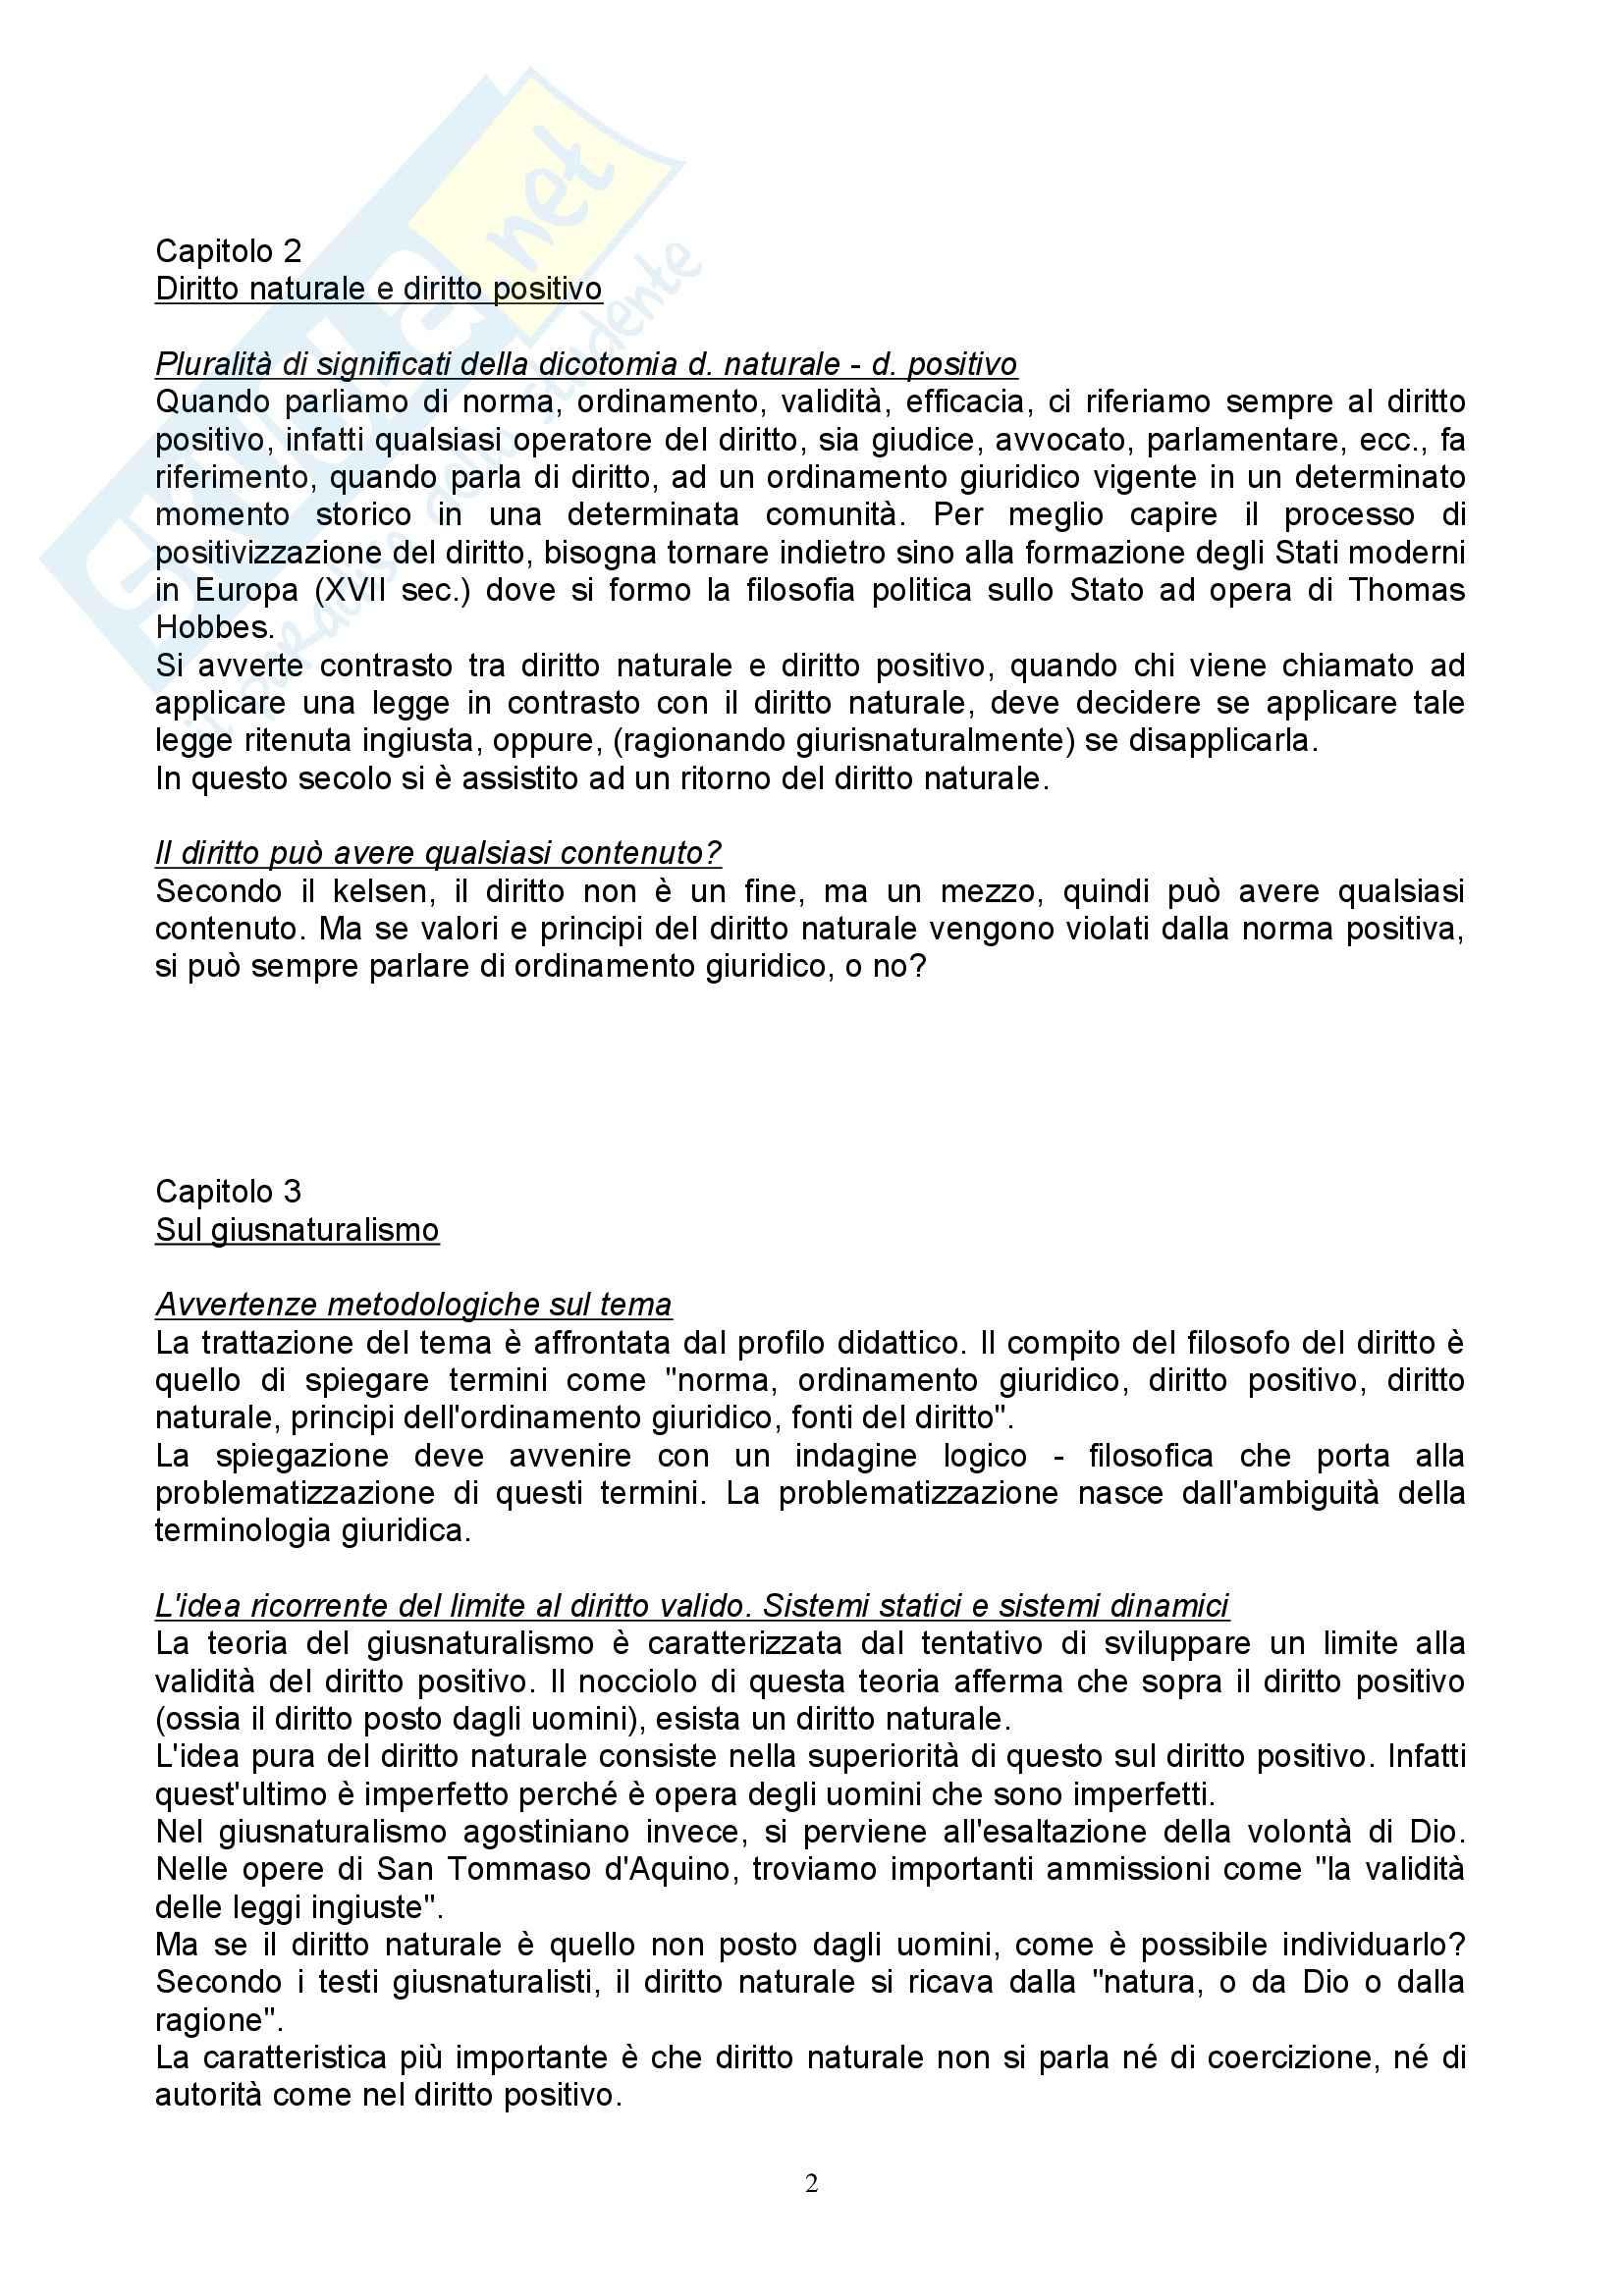 Filosofia del diritto - Appunti Pag. 2